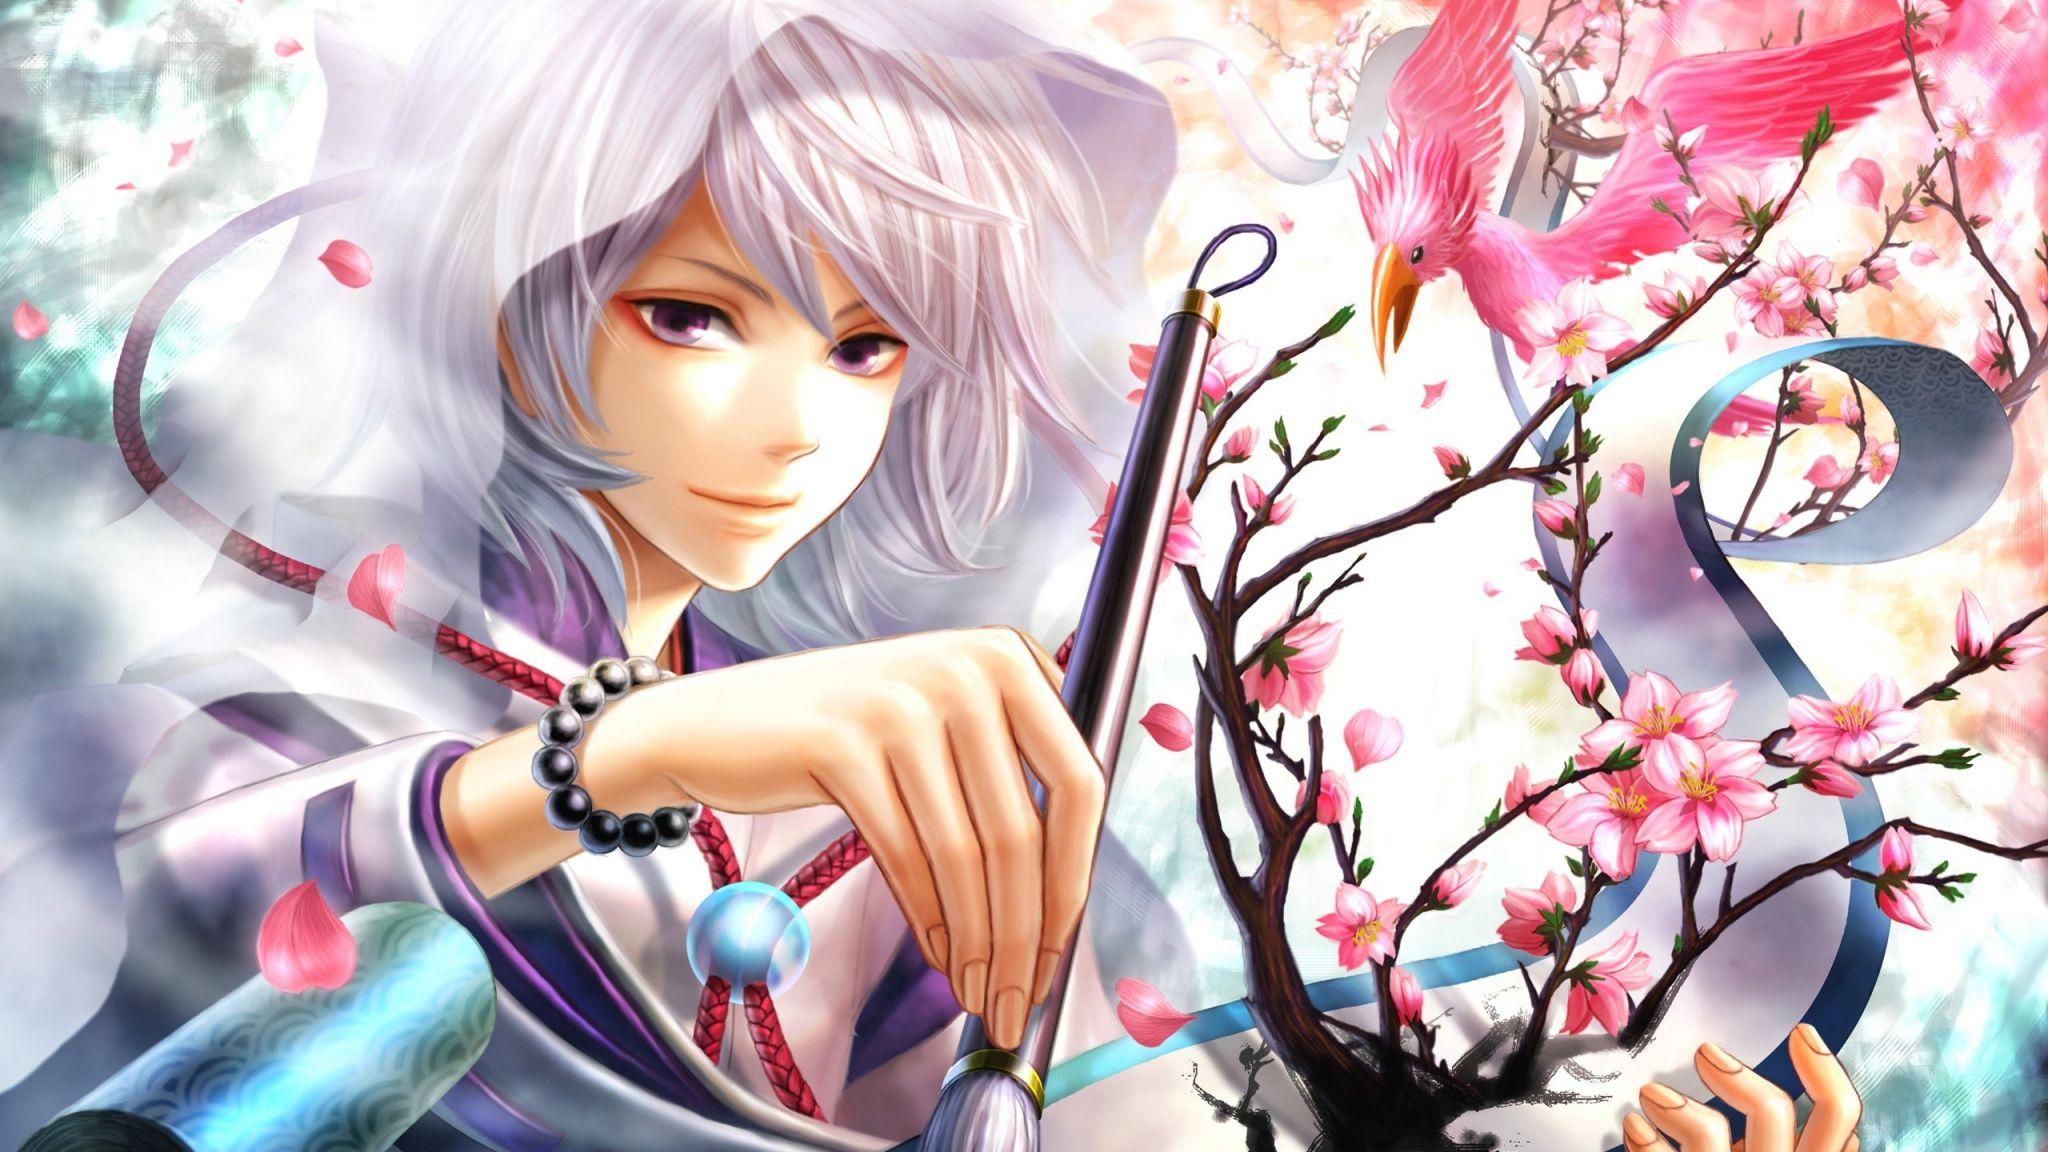 Anime Girl Fondos De Pantalla en 3d Pinturas anime